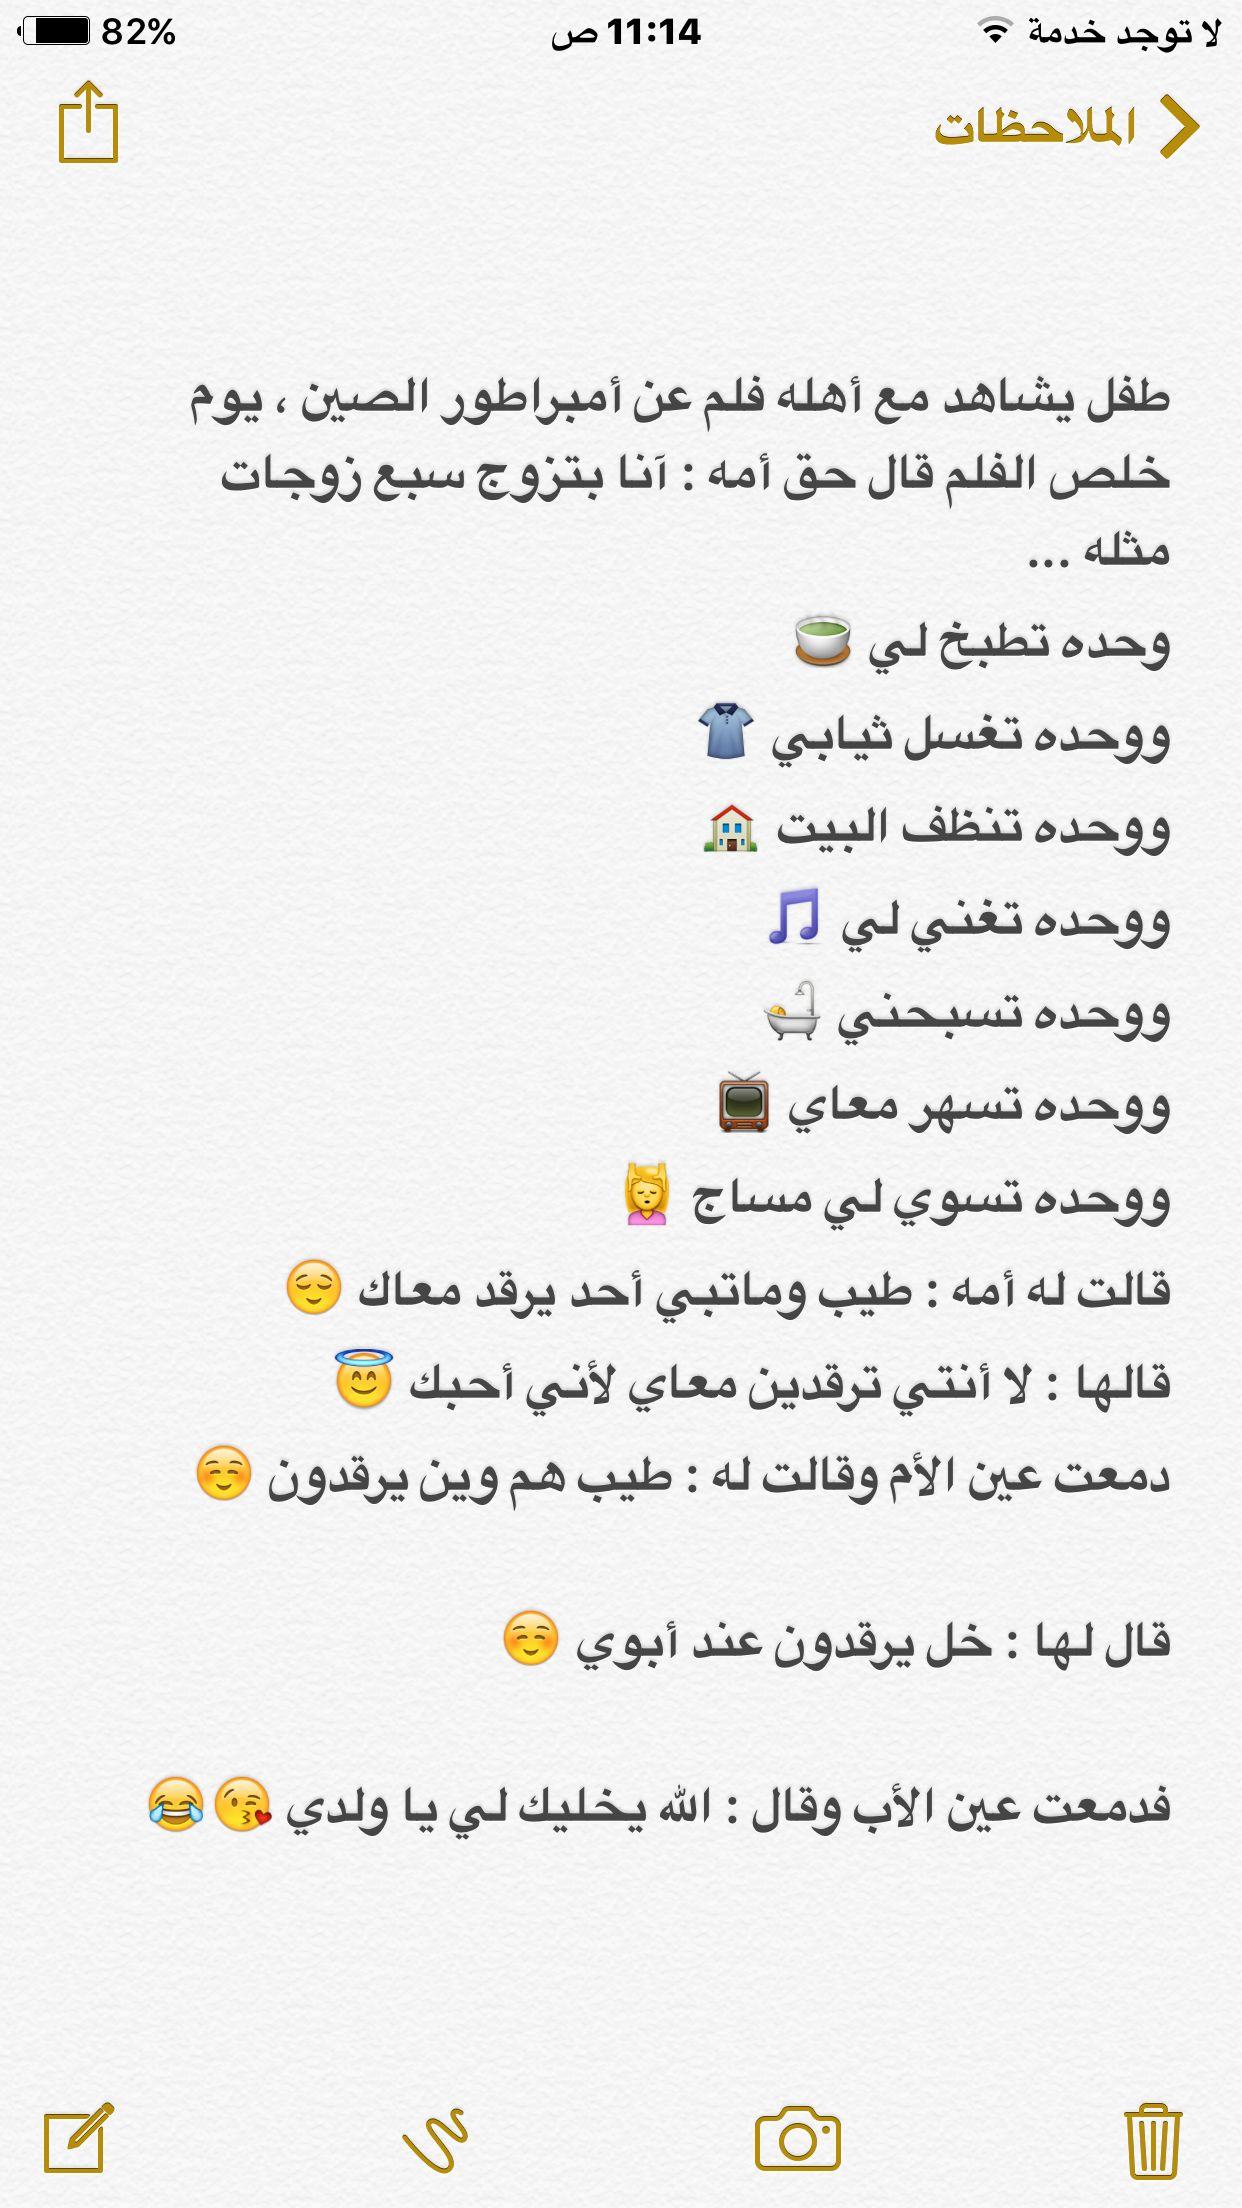 الله يخليك لي ياولدي Fun Quotes Funny Arabic Funny Funny Arabic Quotes